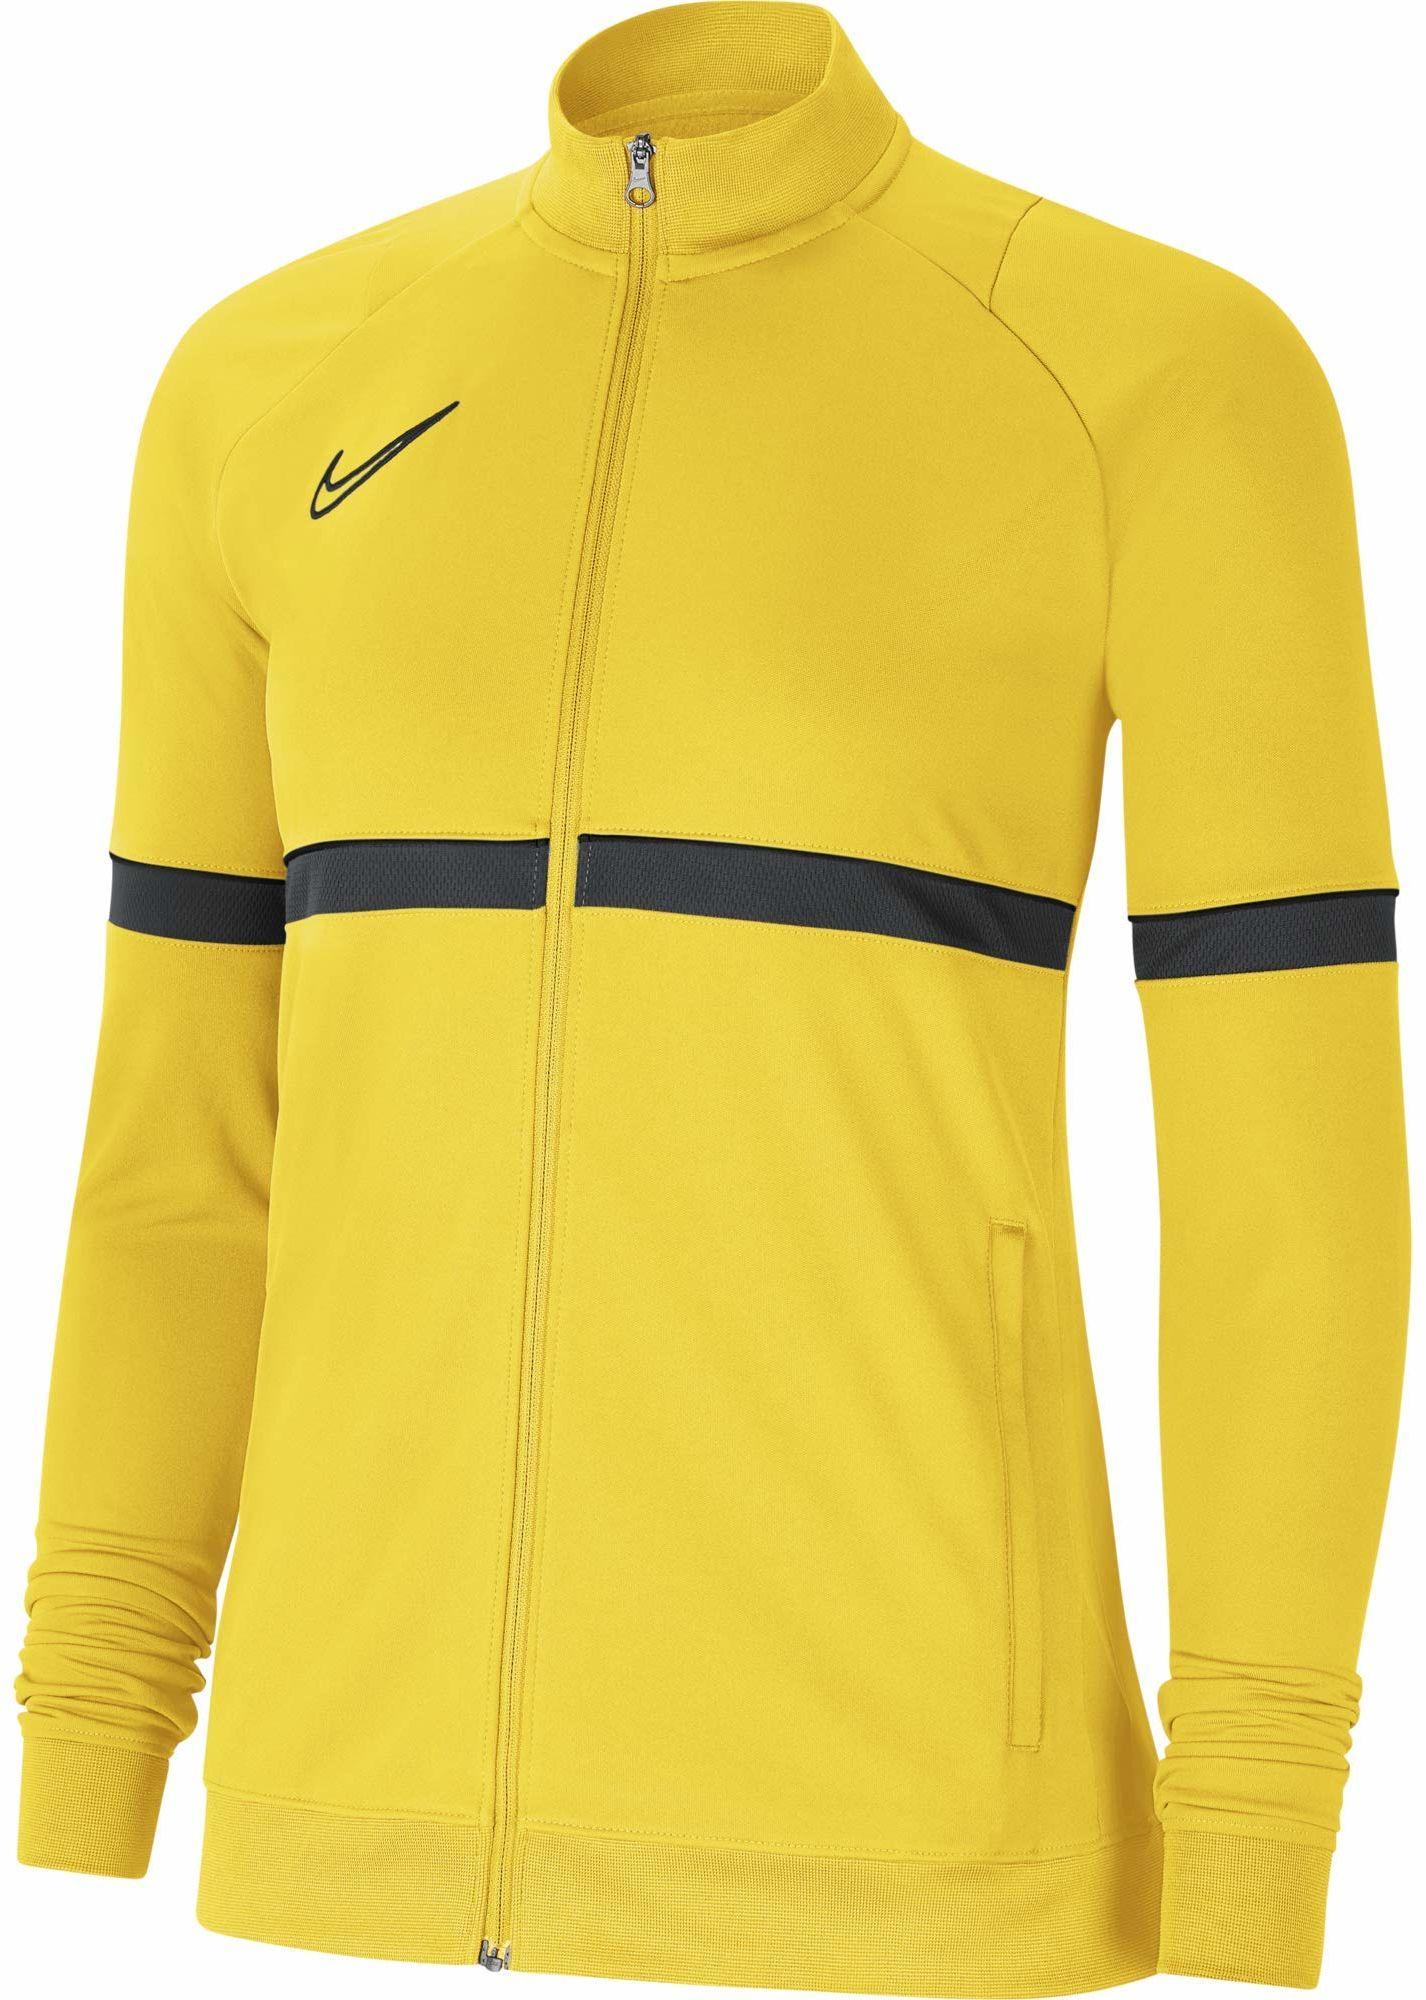 Nike Damska kurtka damska Academy 21 Track Jacket Tour żółty/czarny/antracytowy/czarny M